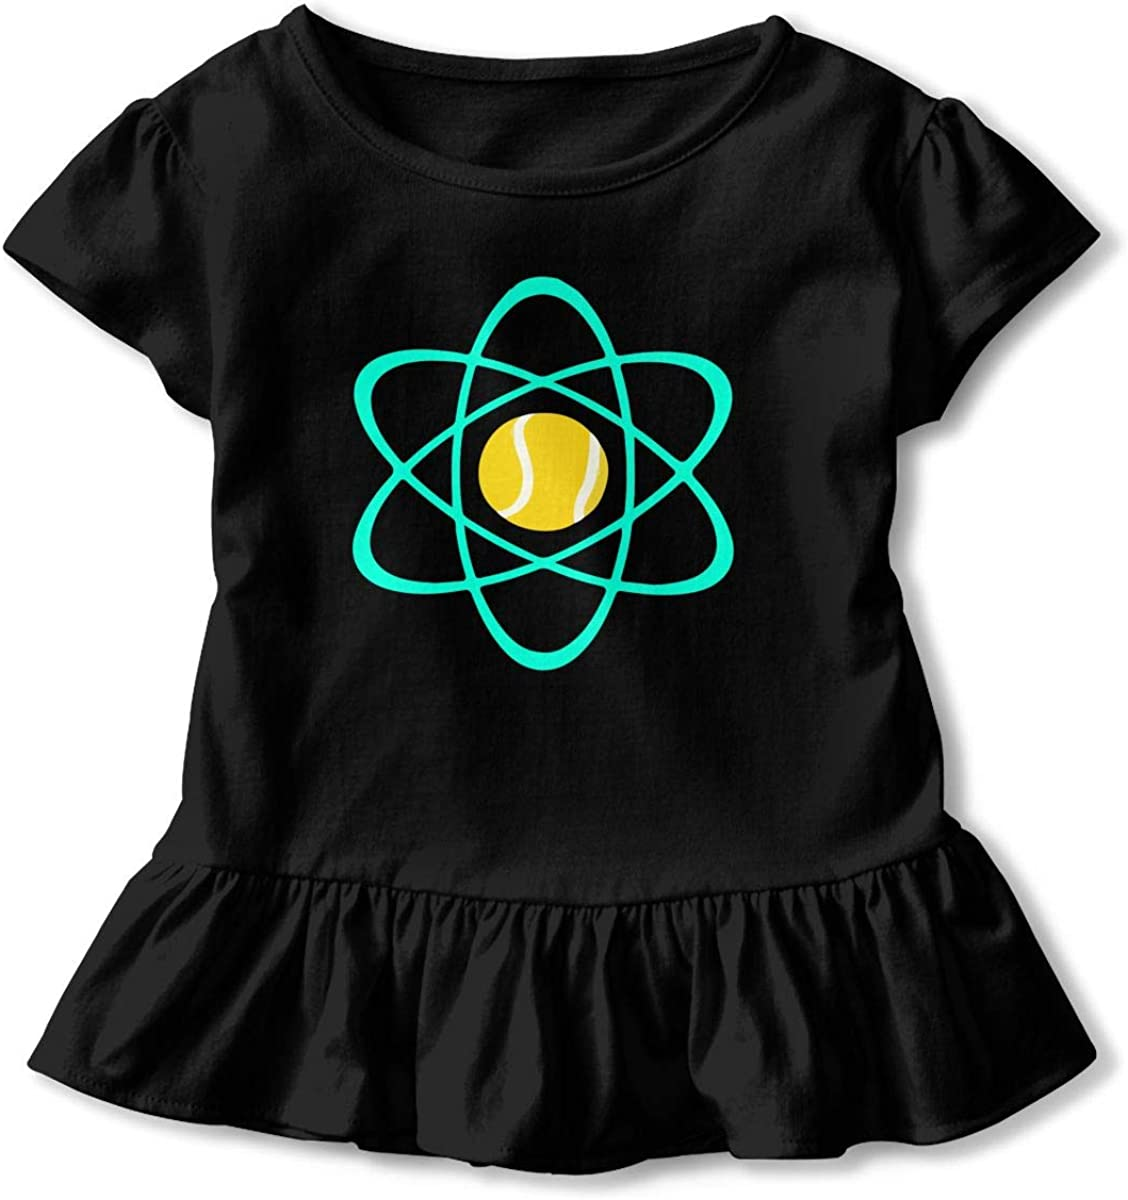 Cheng Jian Bo Tennis Atom Toddler Girls T Shirt Kids Cotton Short Sleeve Ruffle Tee